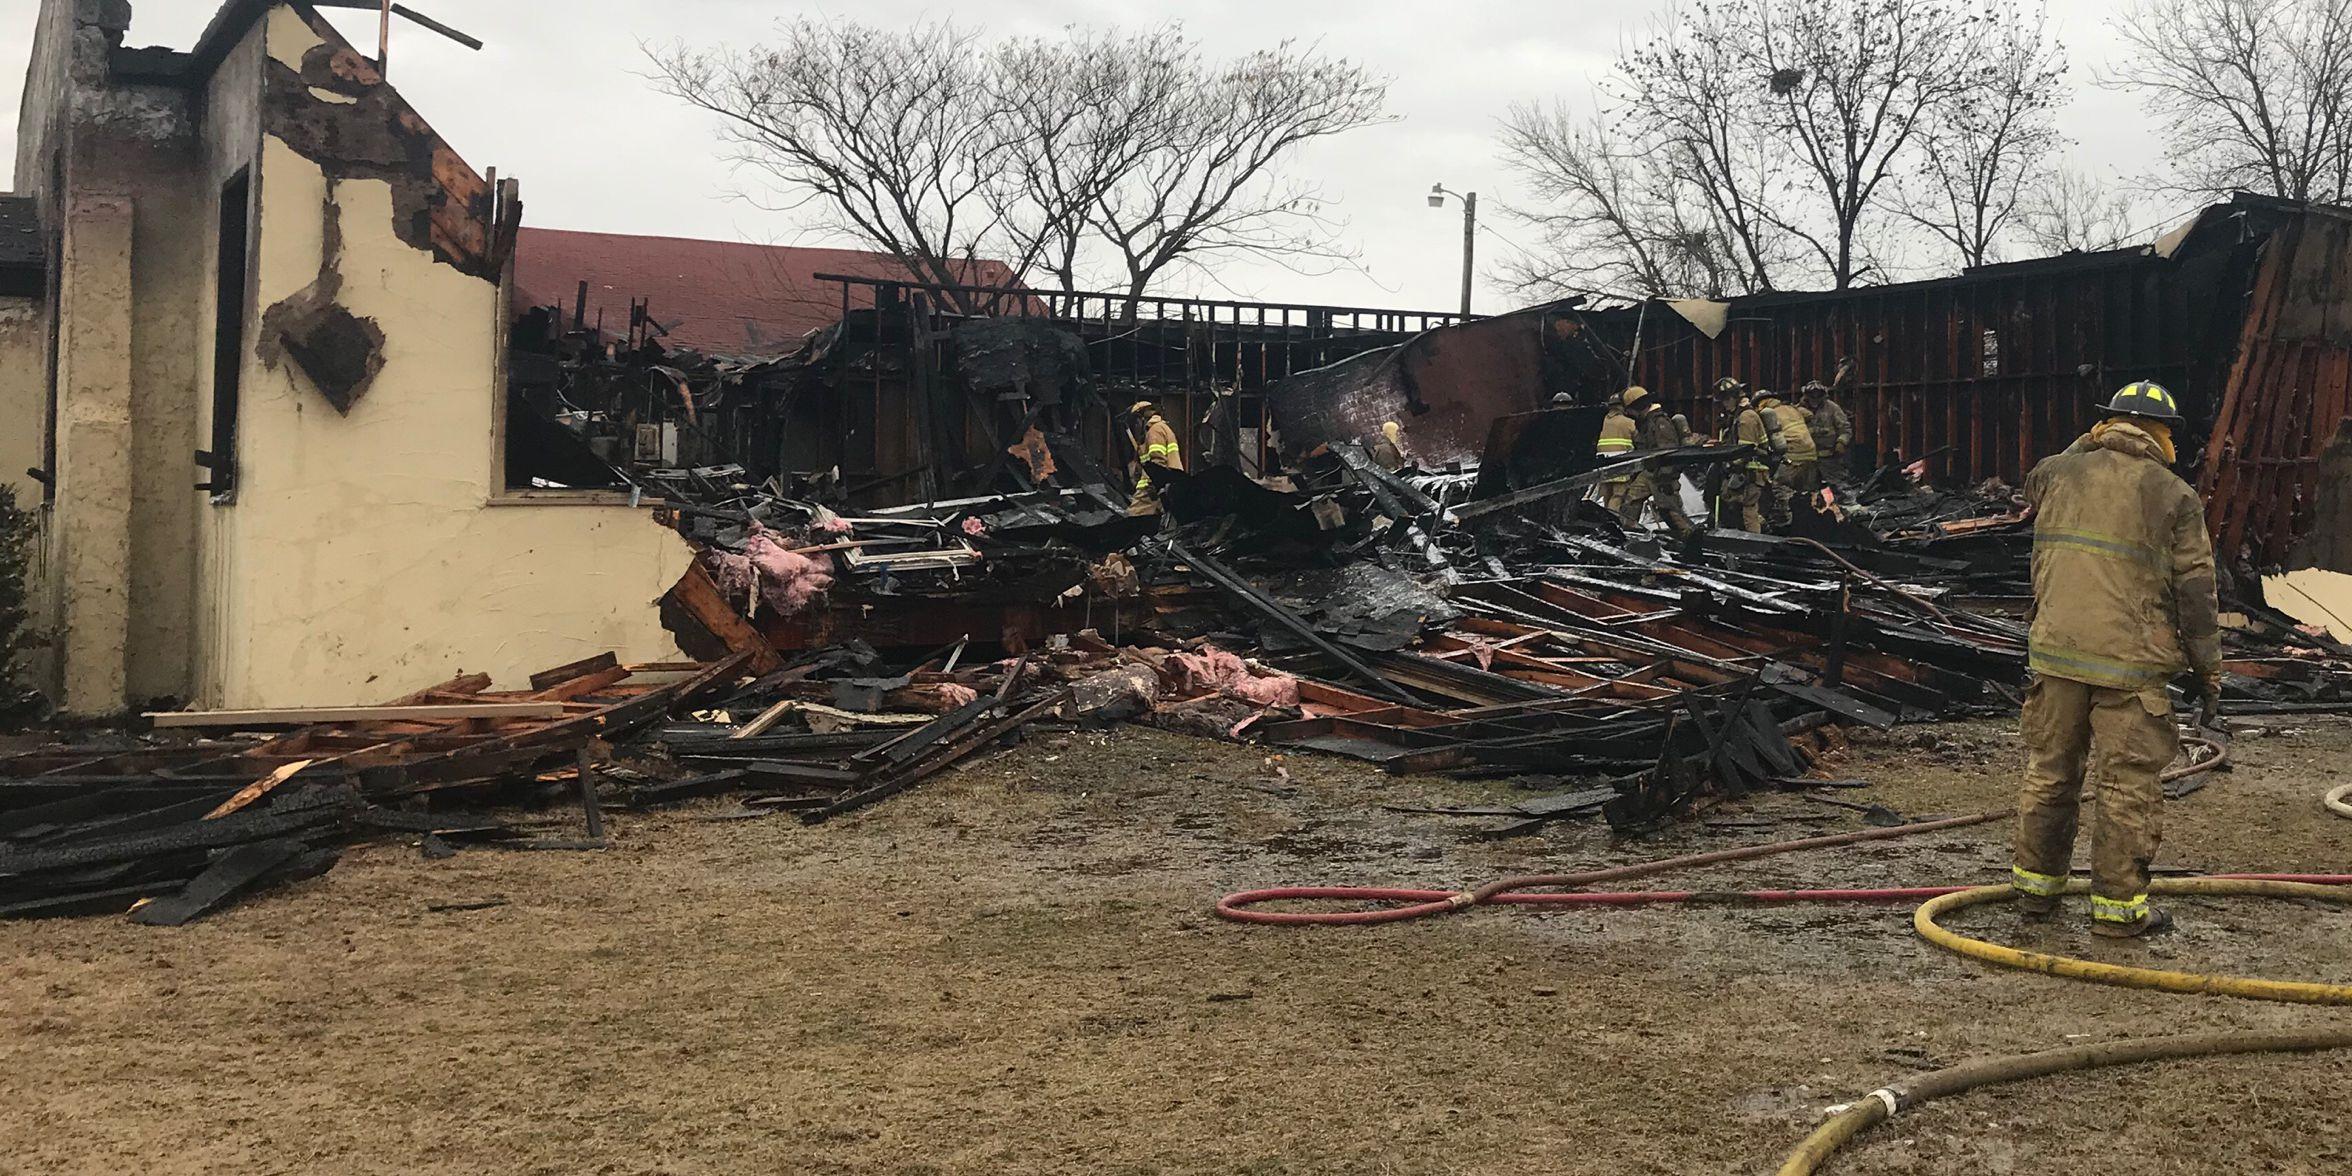 Wichita Falls church damaged by fire